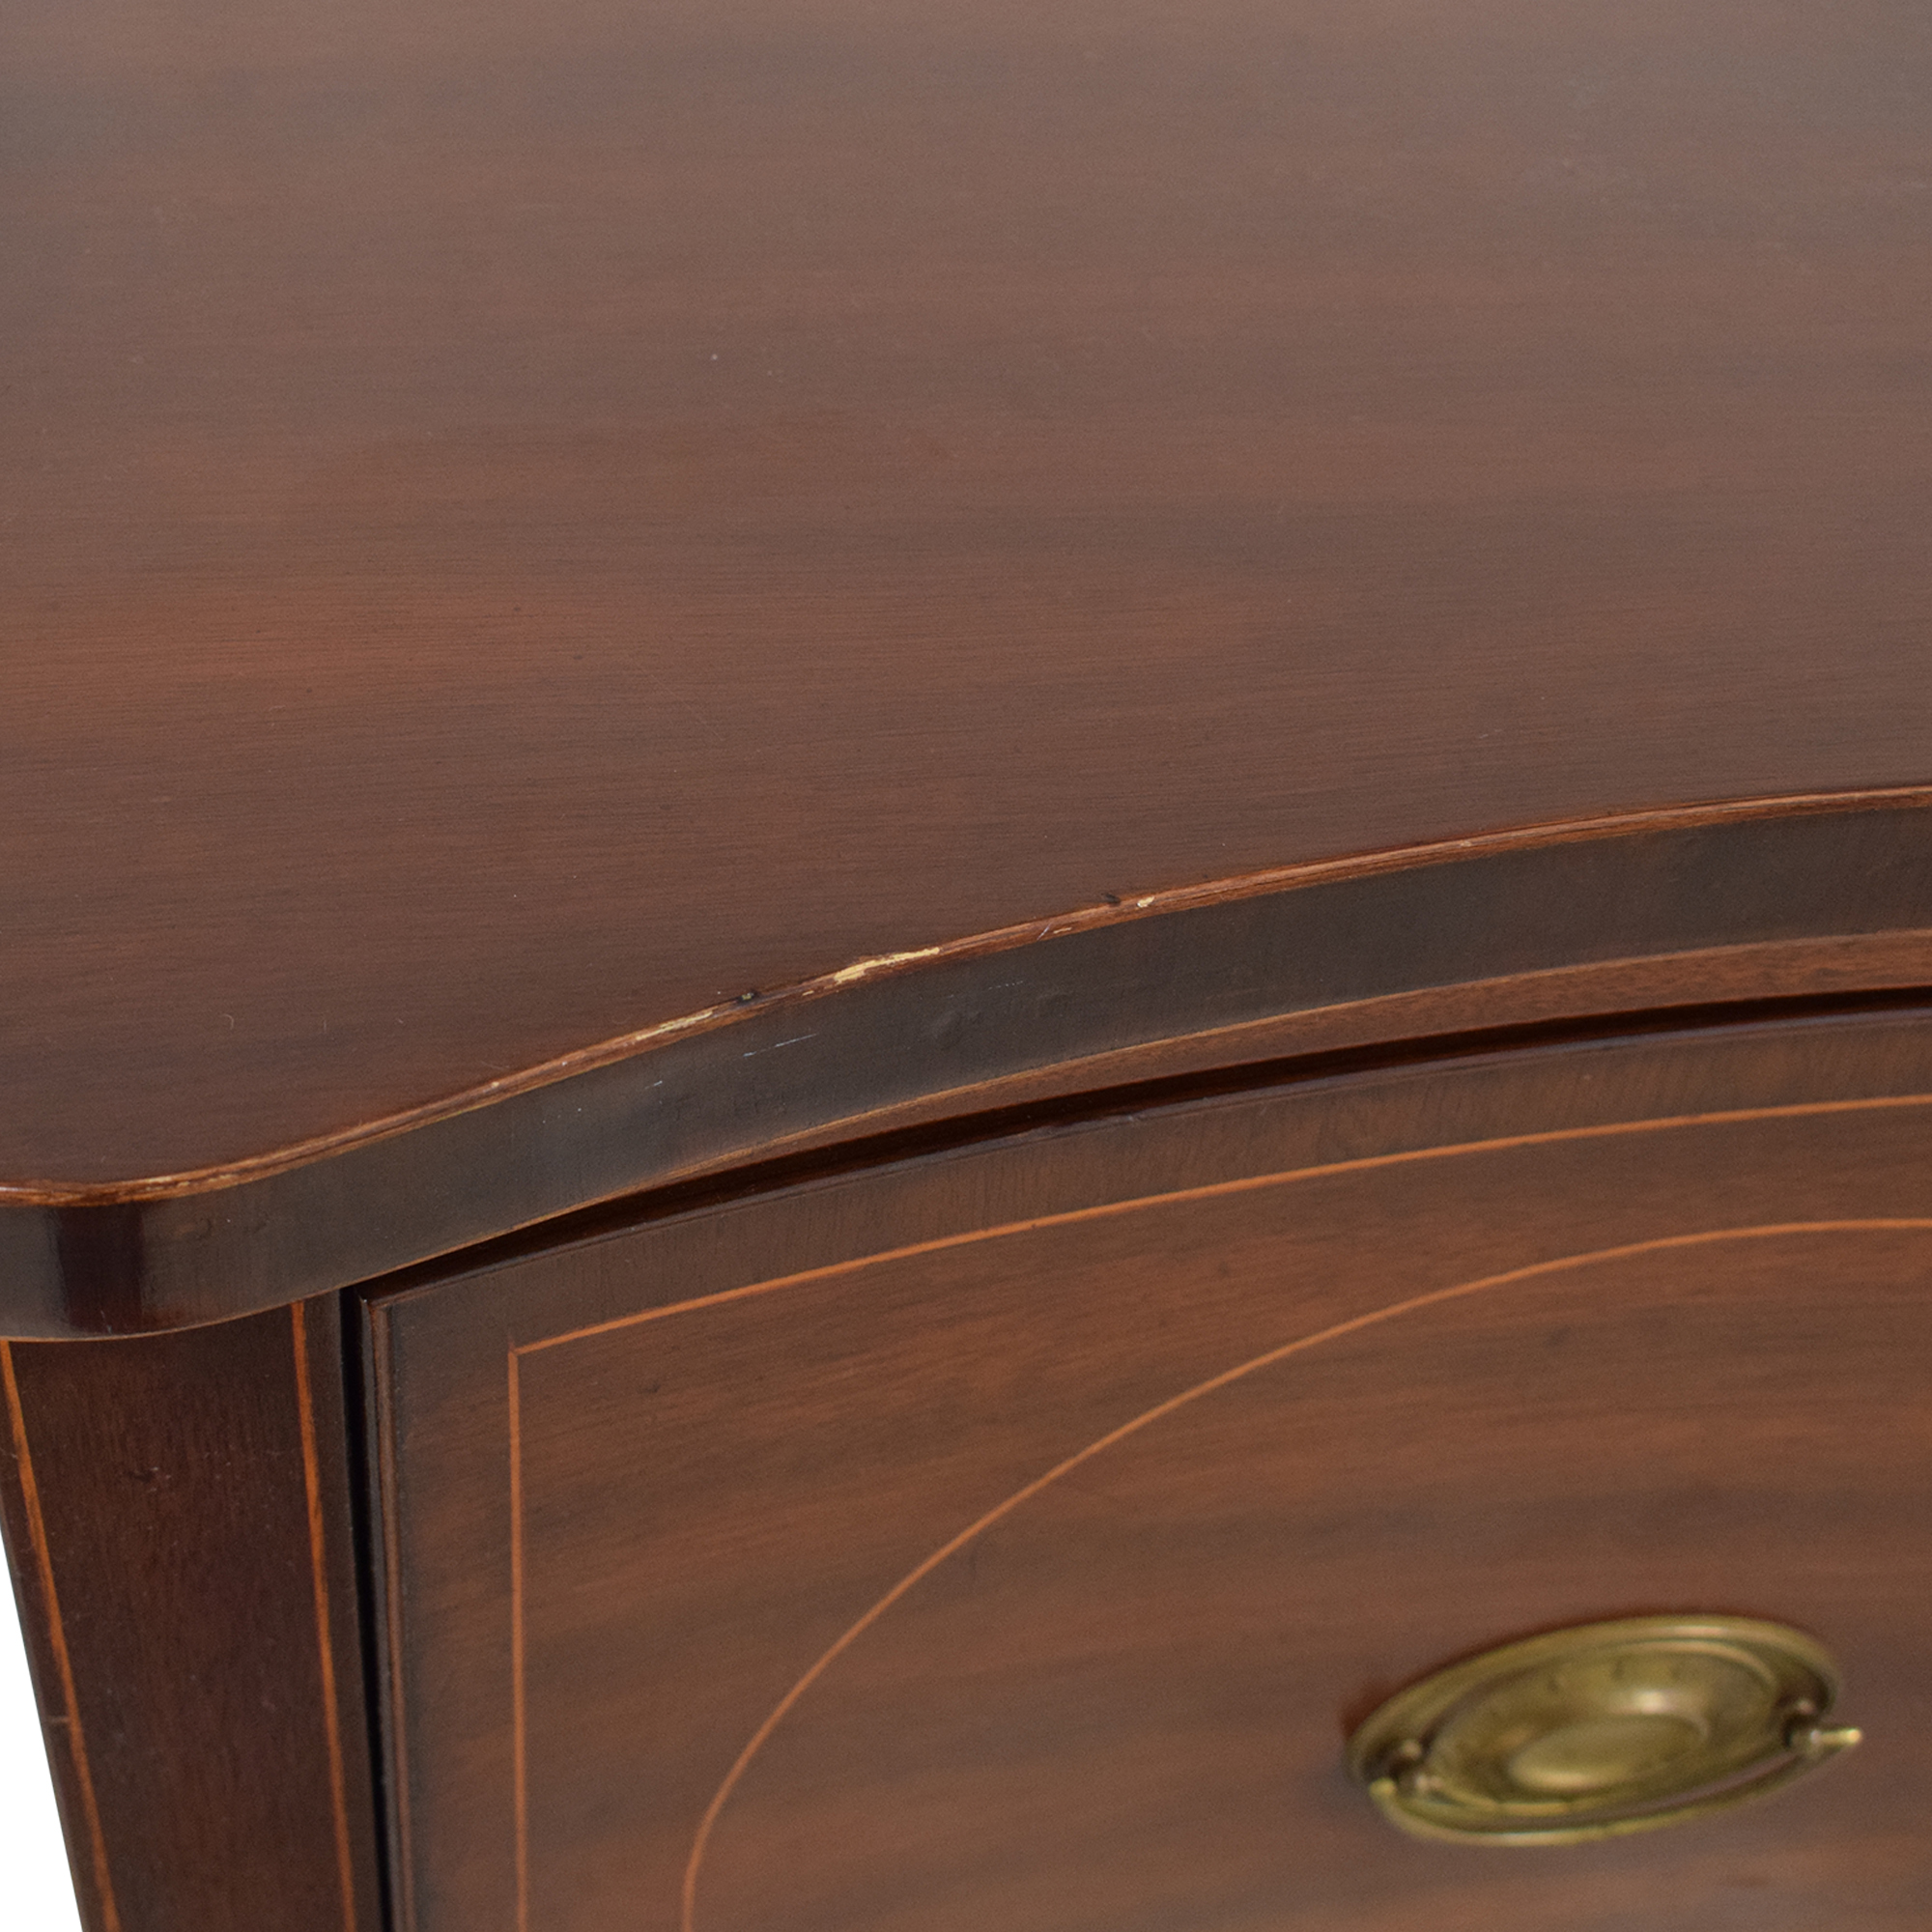 Kittinger Furniture Kittinger Dining Sideboard nj